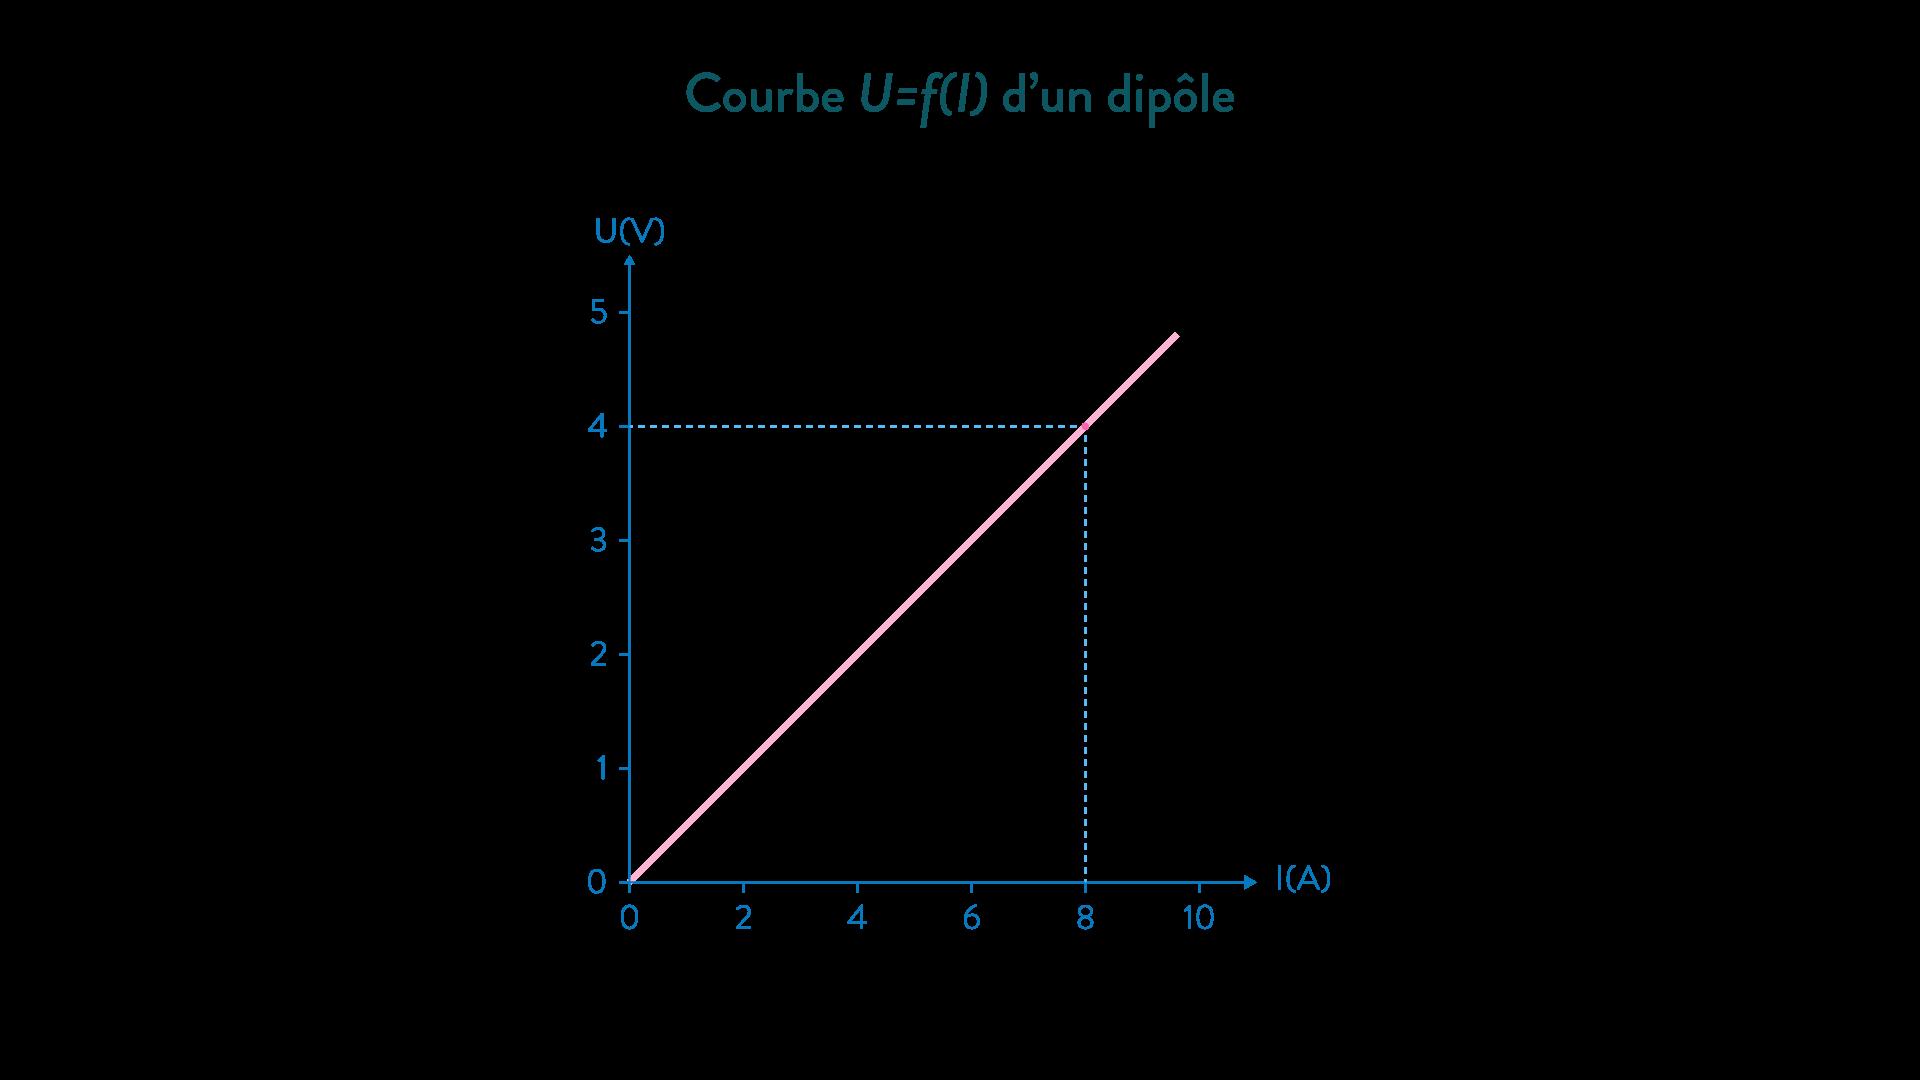 courbe d'un dipôle